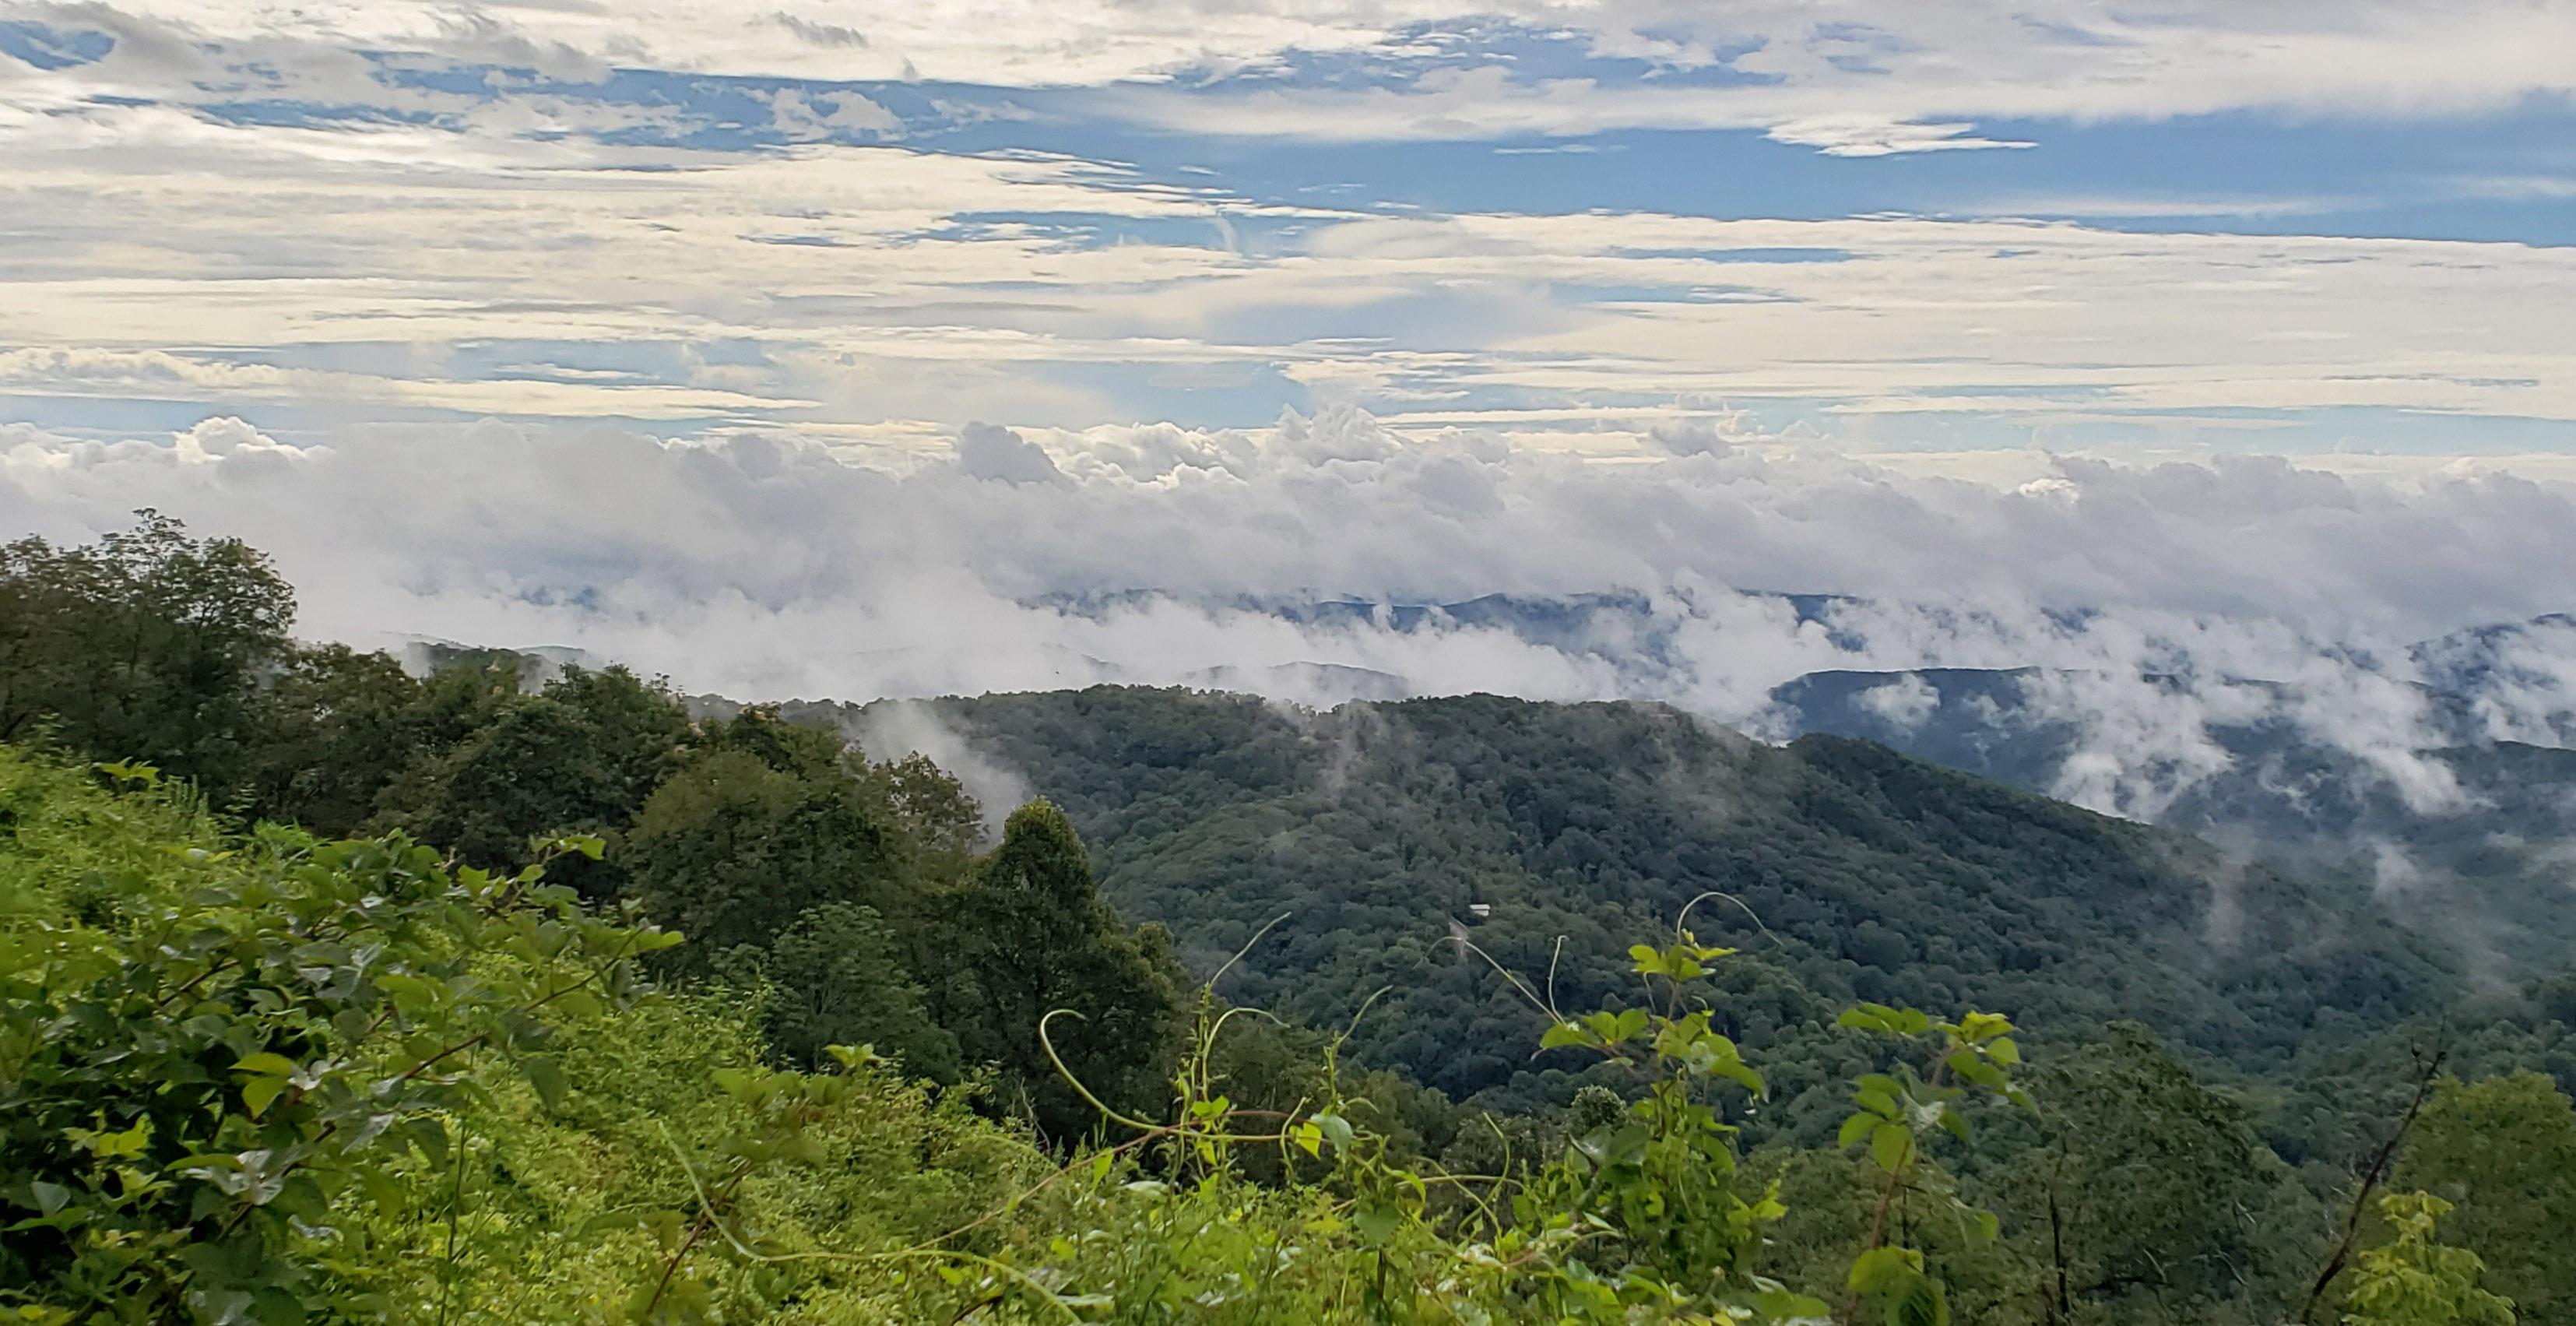 Finding Fraser's Ridge